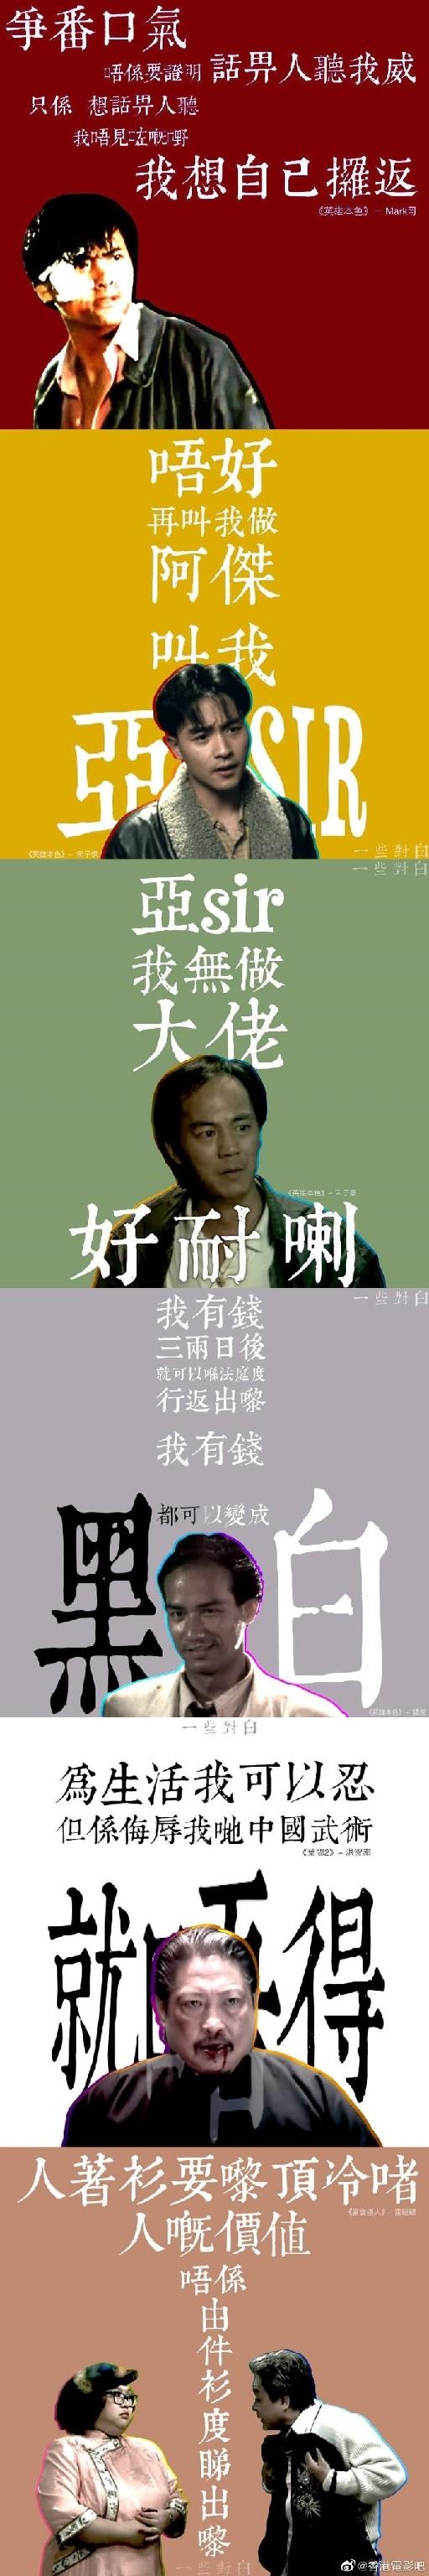 香港映画と台詞4